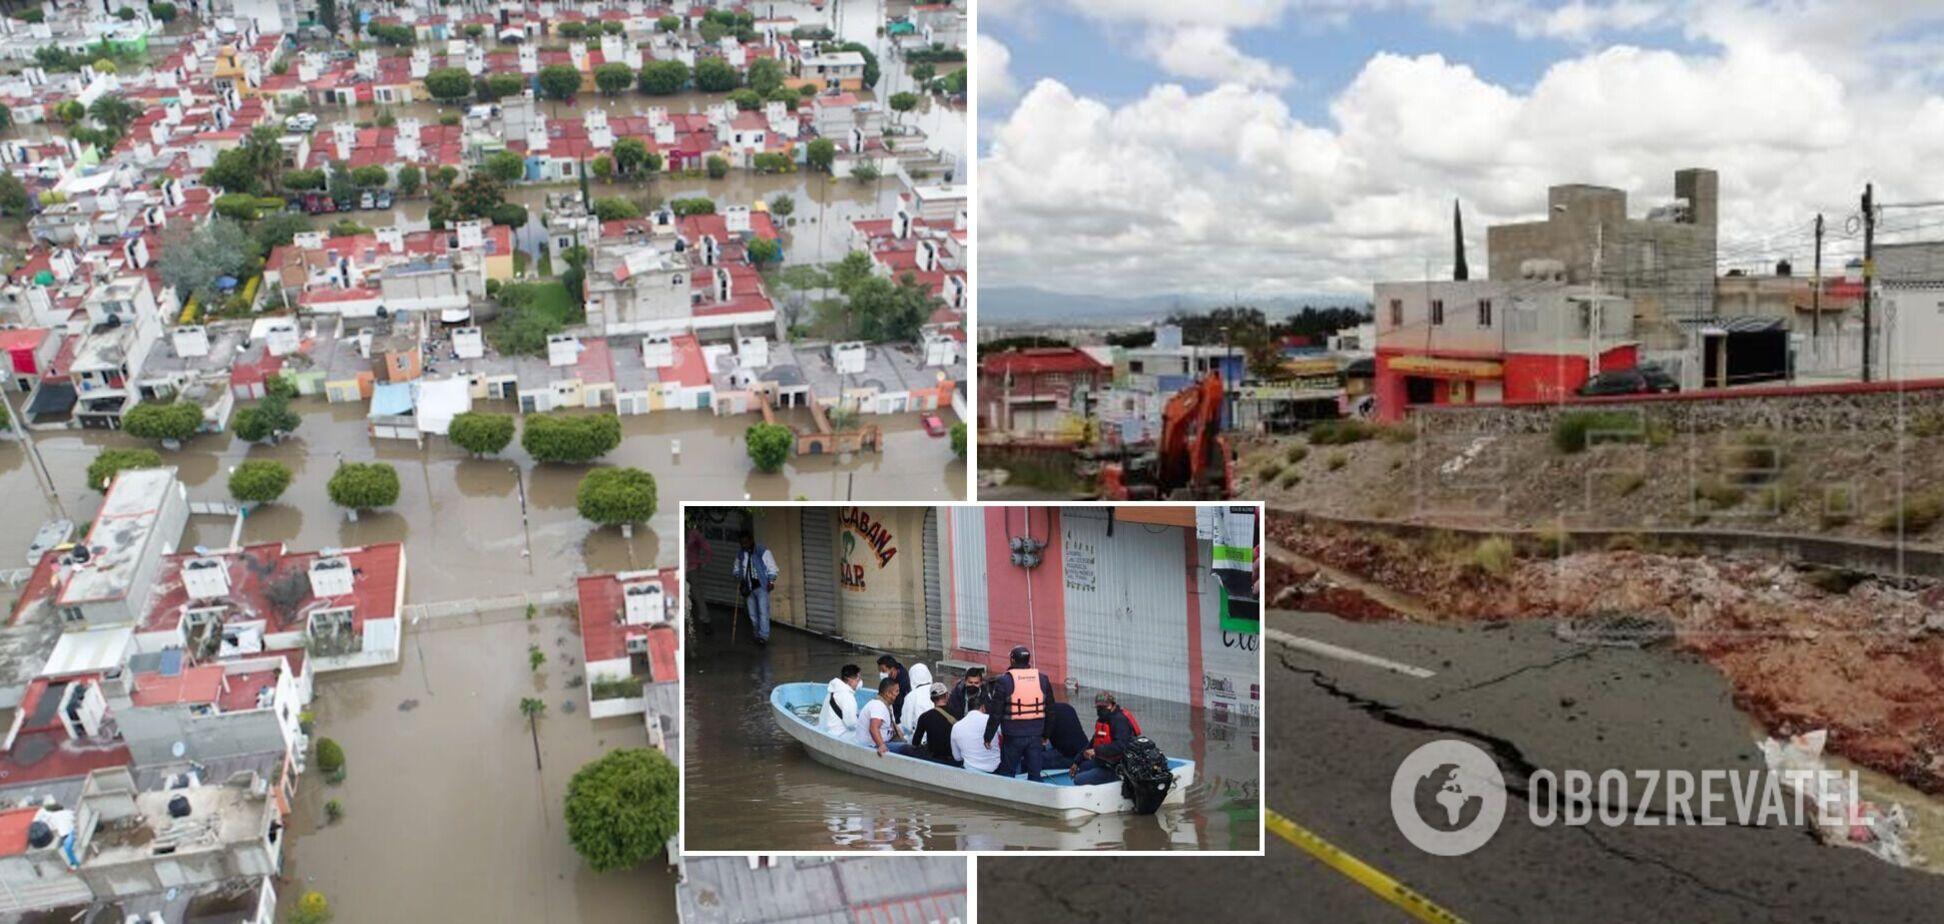 У Мексиці через потужну повінь пошкоджені тисячі будинків: є загиблі і зниклі безвісти. Фото і відео